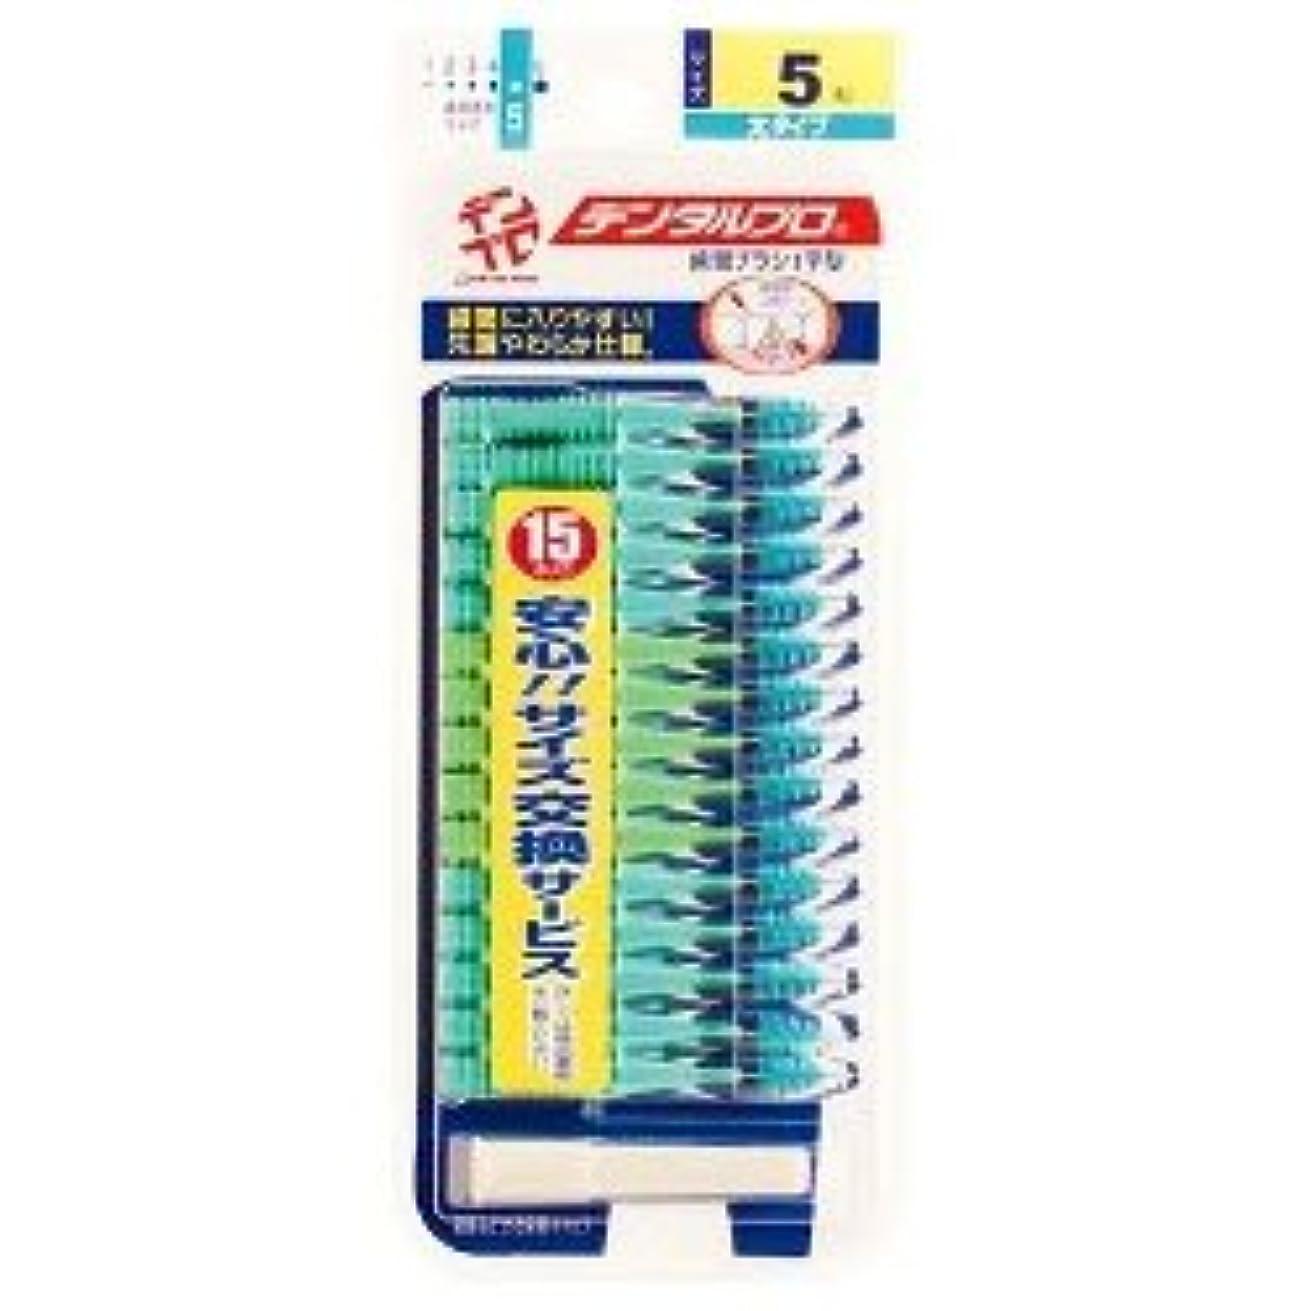 ご予約半島膨張する【デンタルプロ】デンタルプロ 歯間ブラシ サイズ5-L 15本入 ×10個セット